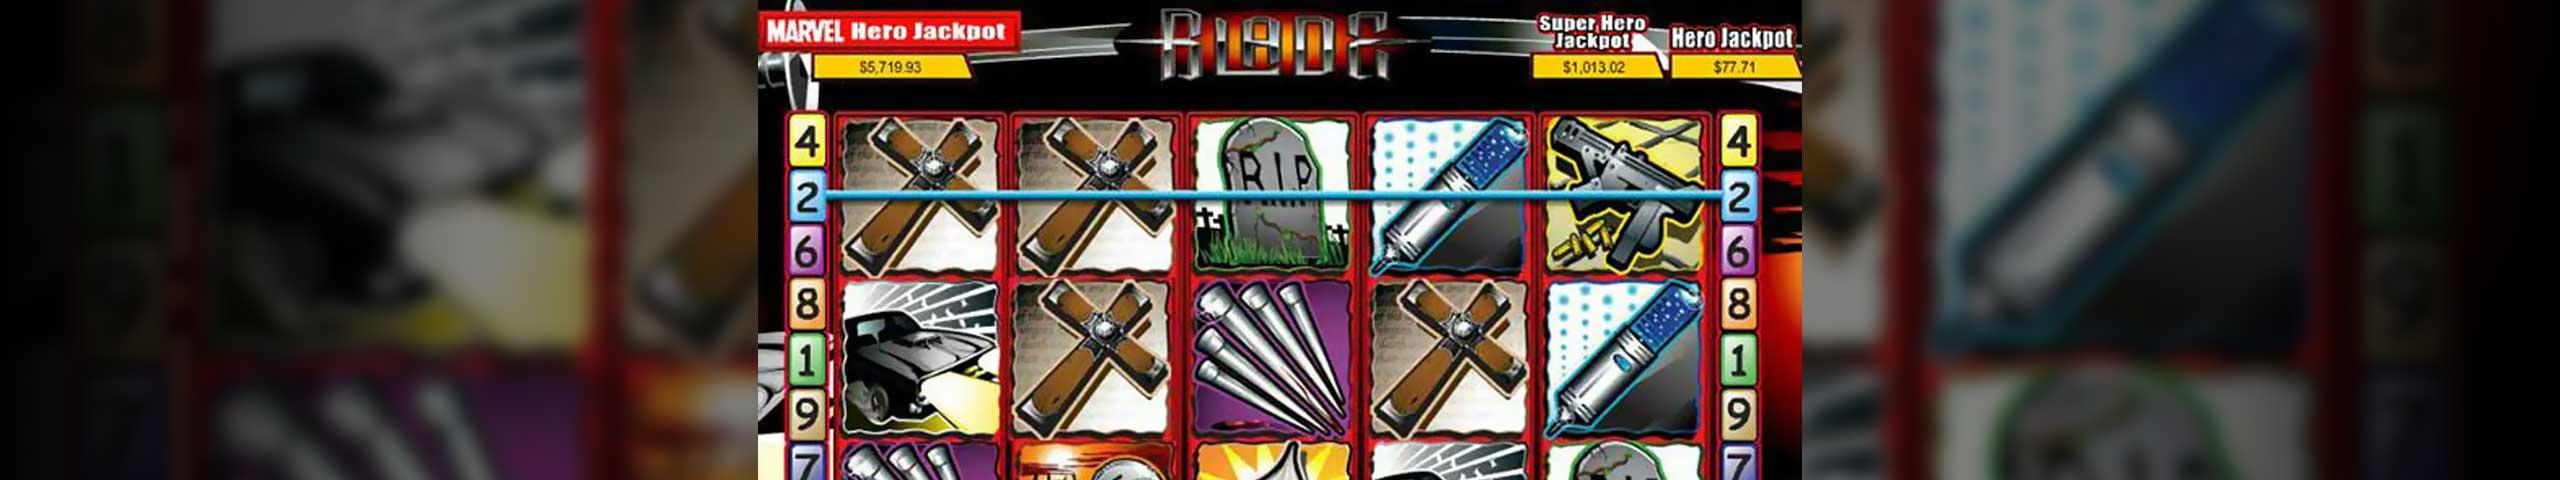 Spelautomater Blade, Cryptologic Slider - Wyrmspel.com